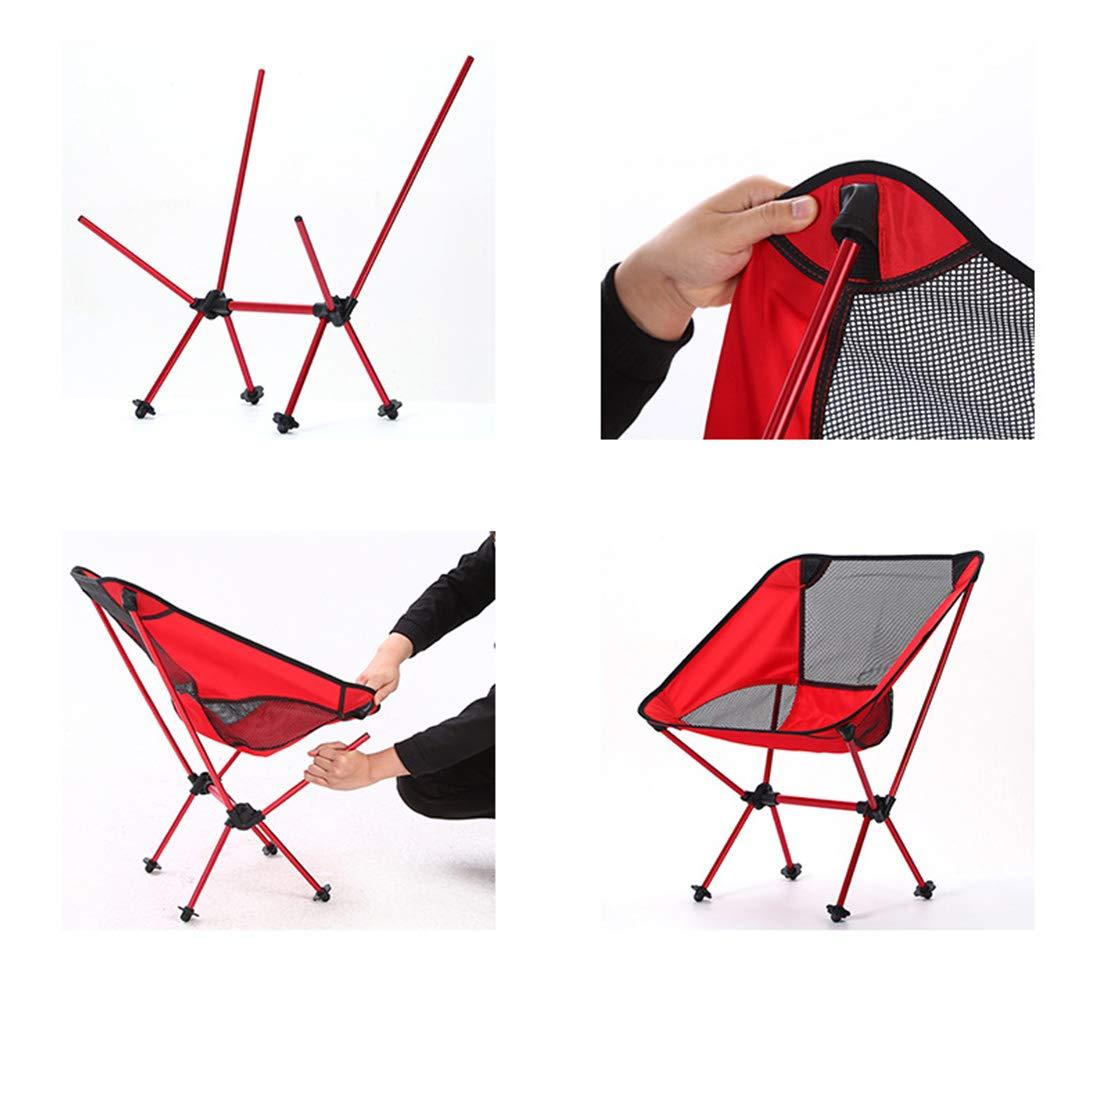 WEATLY Gartenstuhl Klappstuhl Moon Stuhl Mobiler Stuhl Freizeitstuhl Ultraleicht Praktisch zum Tragen